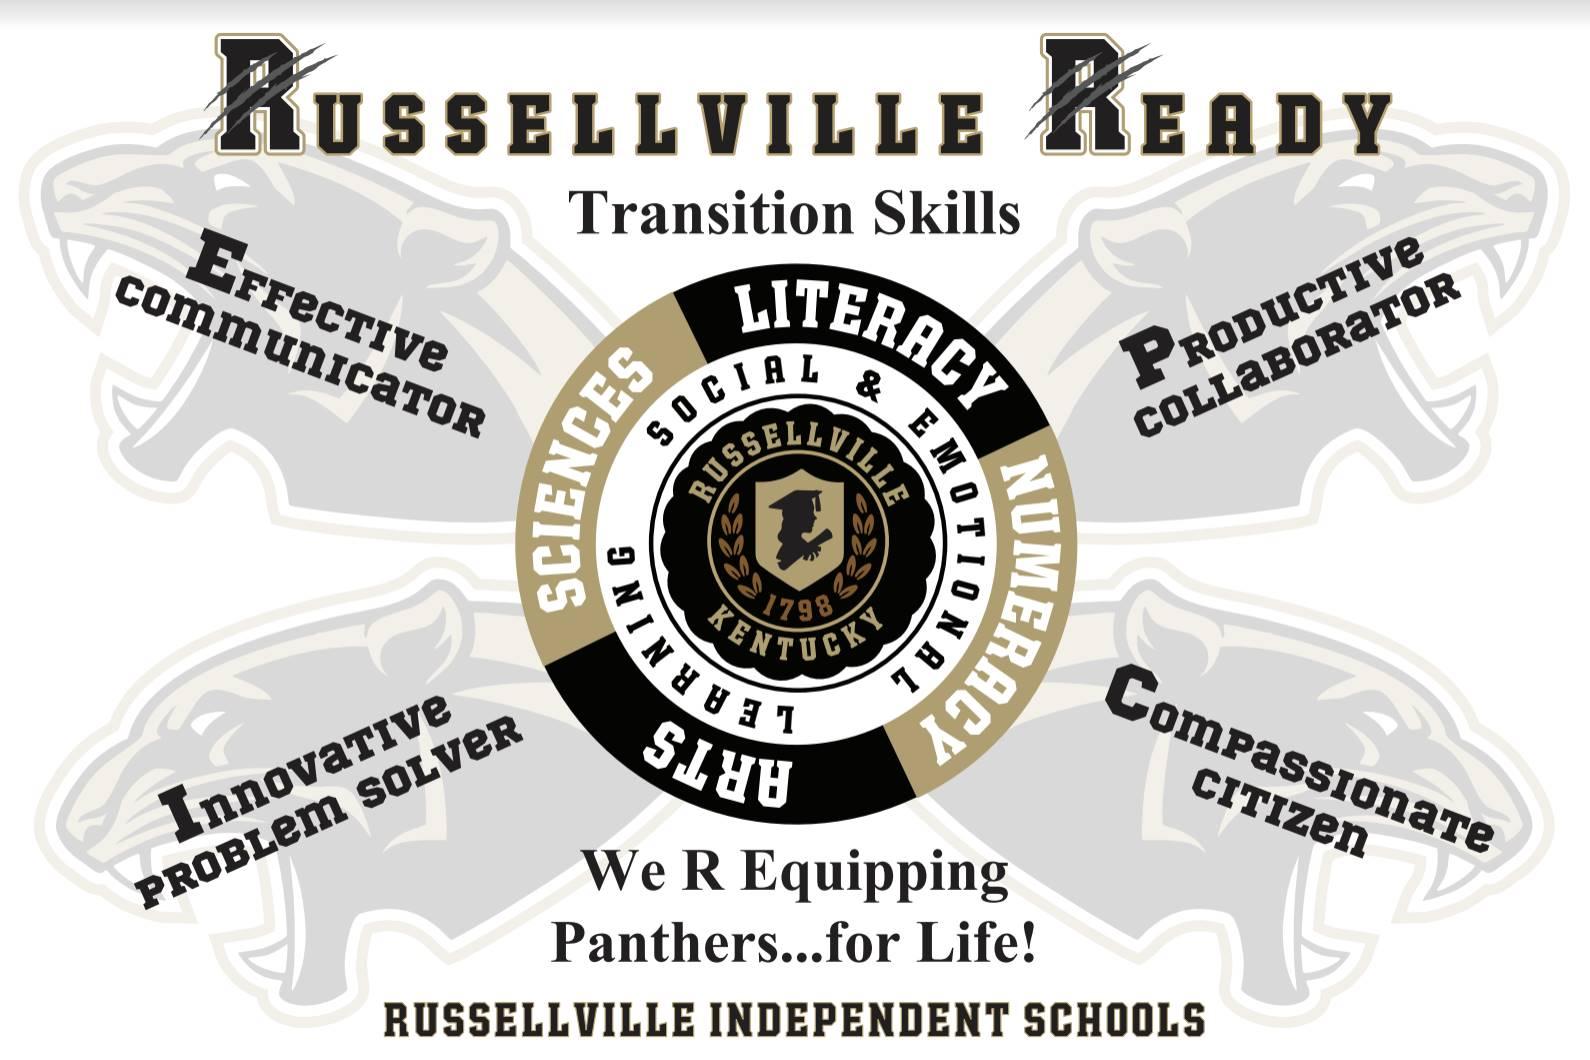 Transition Skills